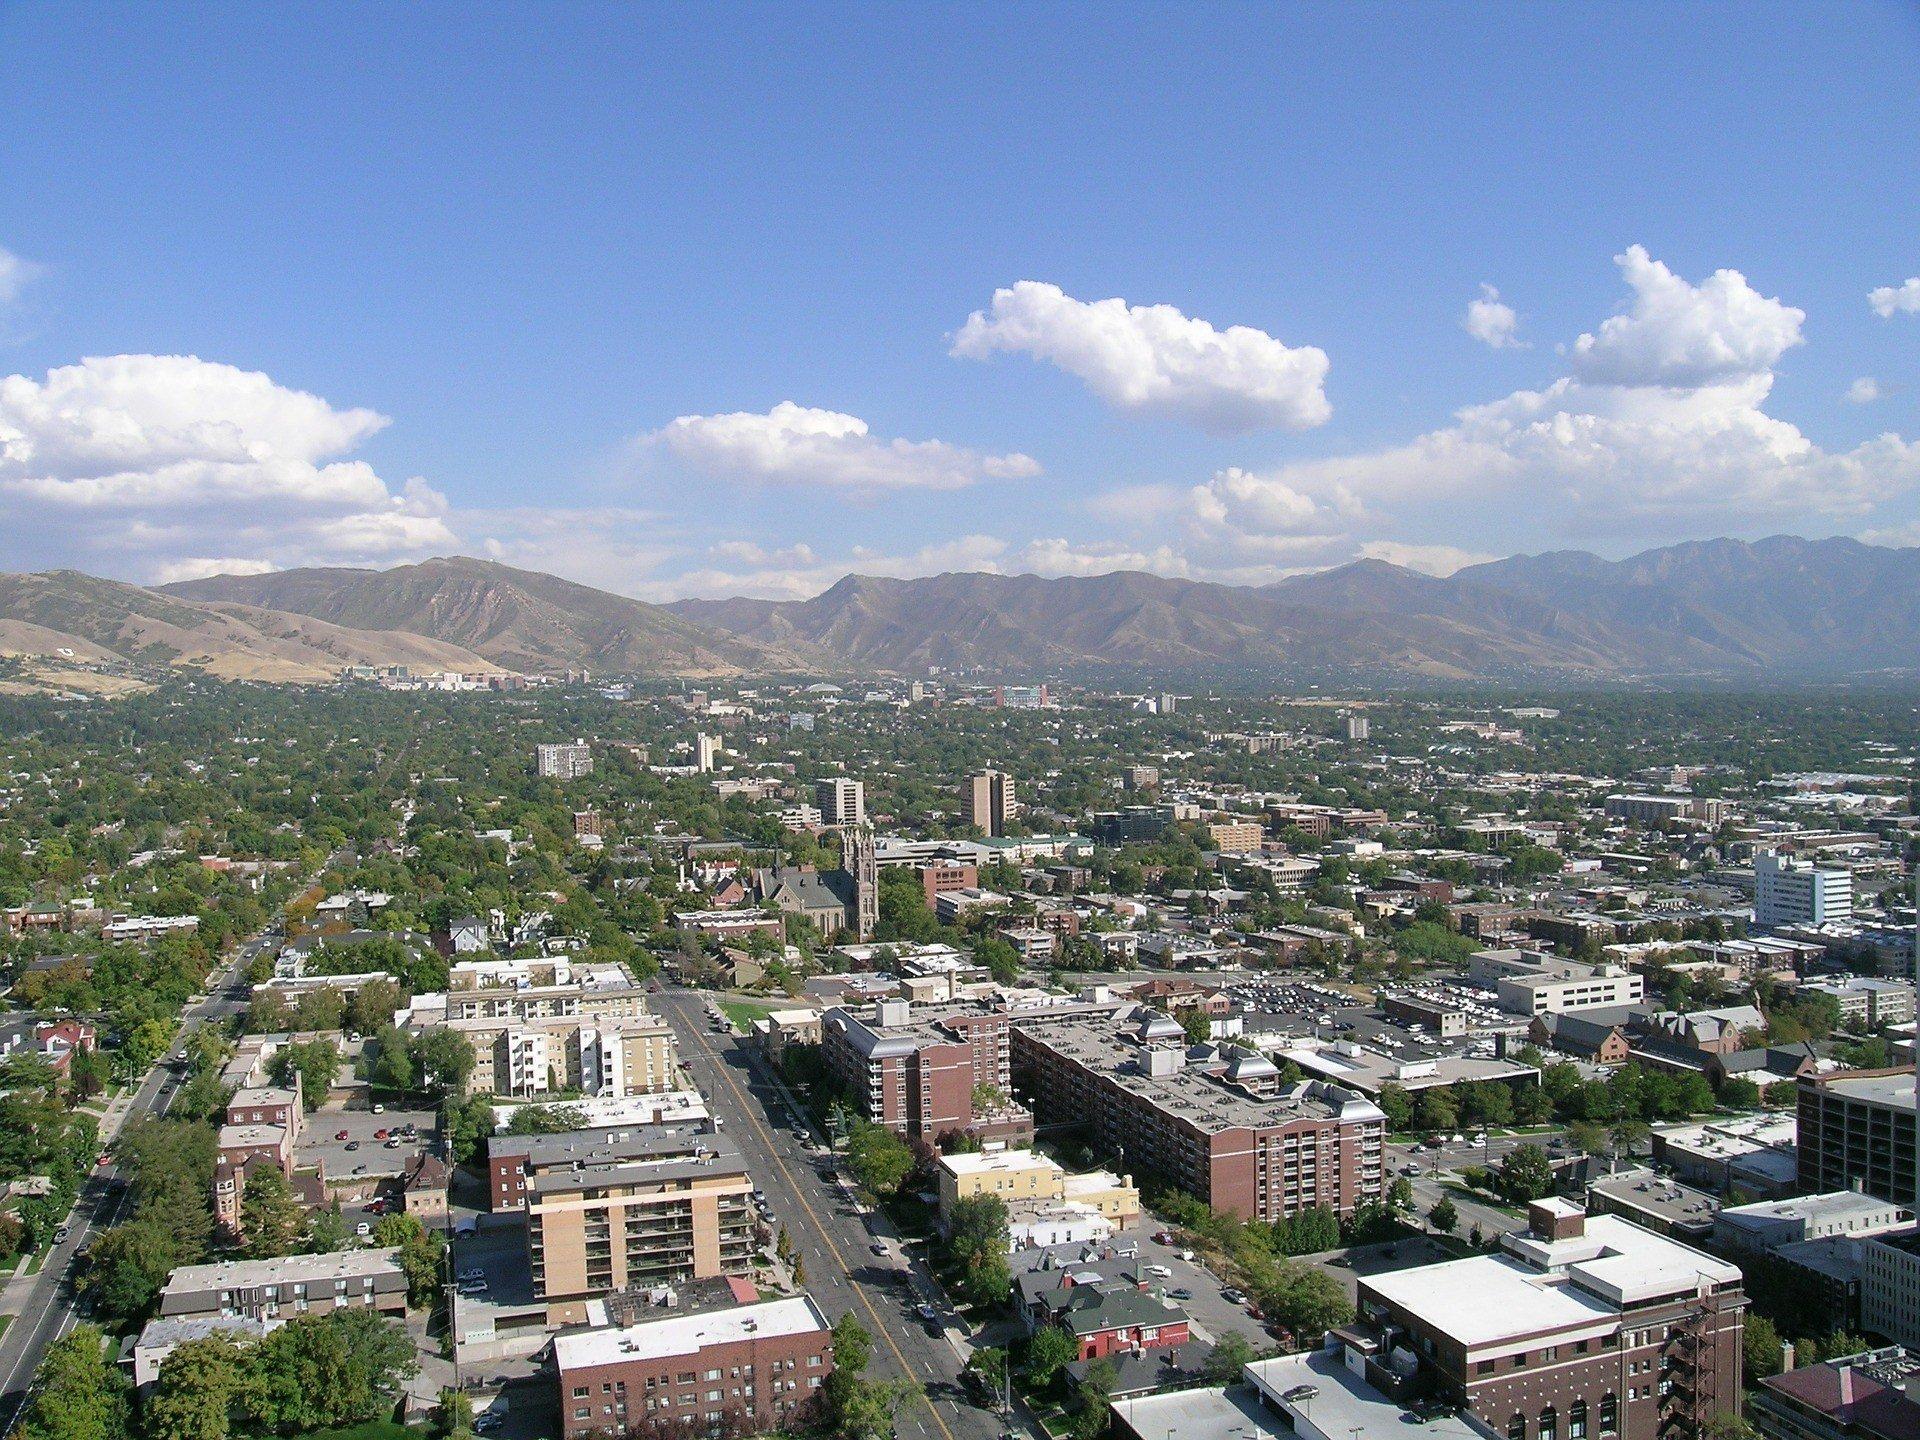 Downtown, Salt Lake City